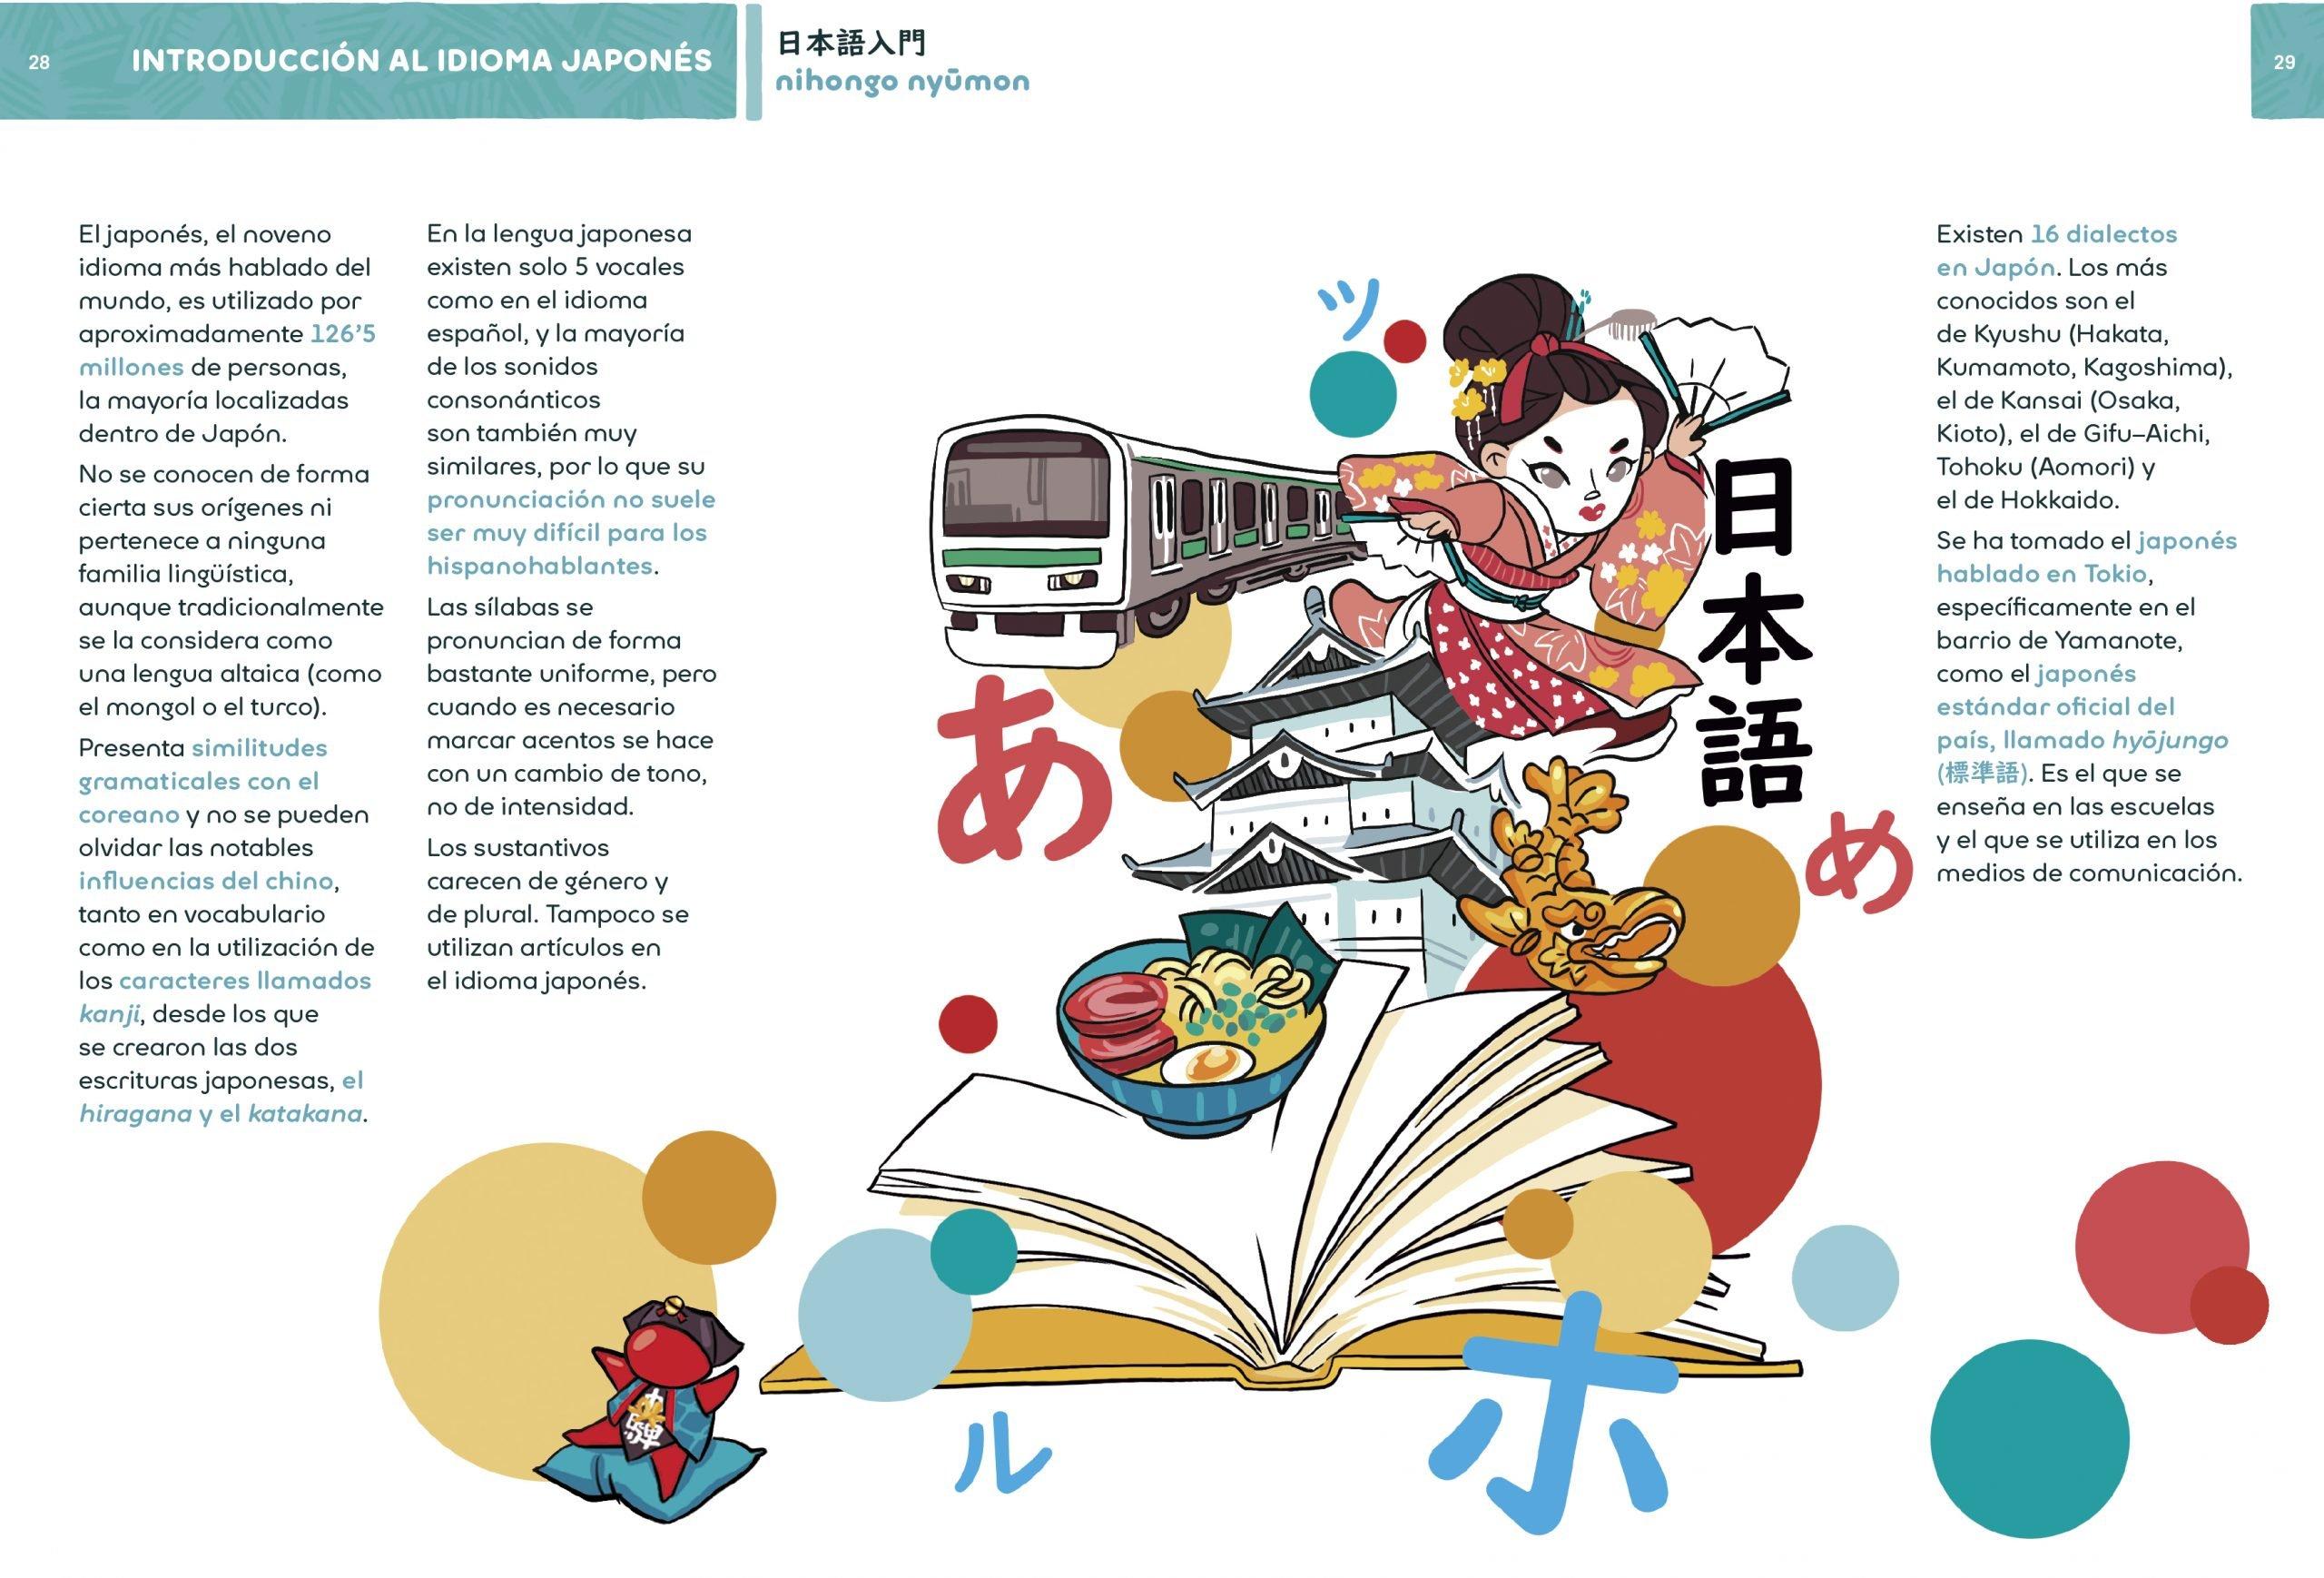 Estudia el idioma japonés cuando tú quieras